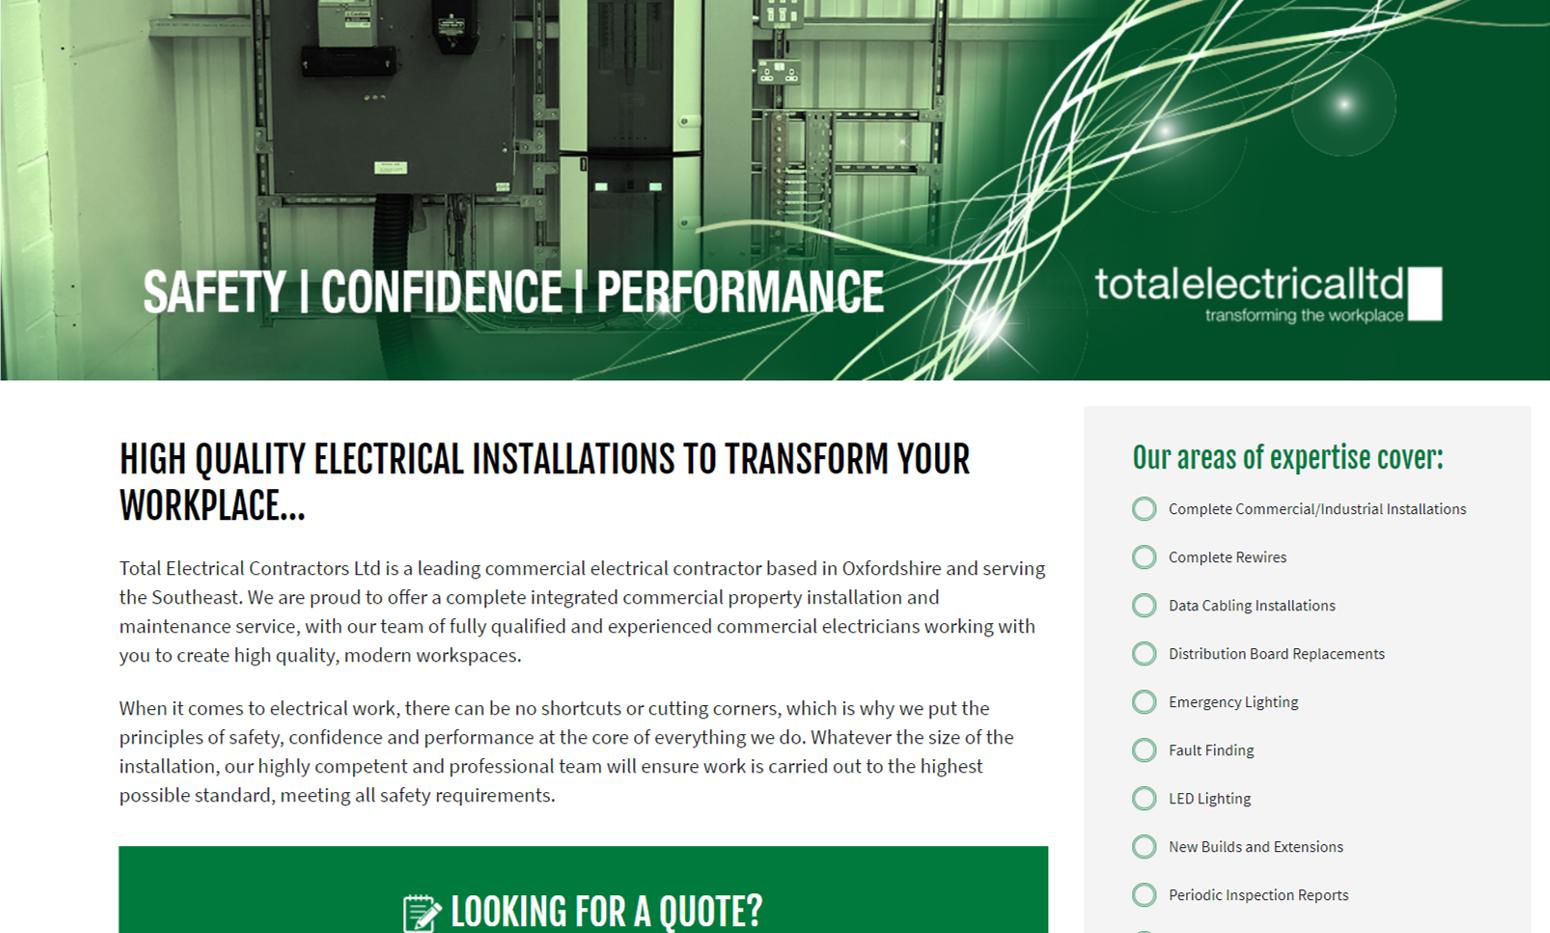 Total Electric Ltd Website Design